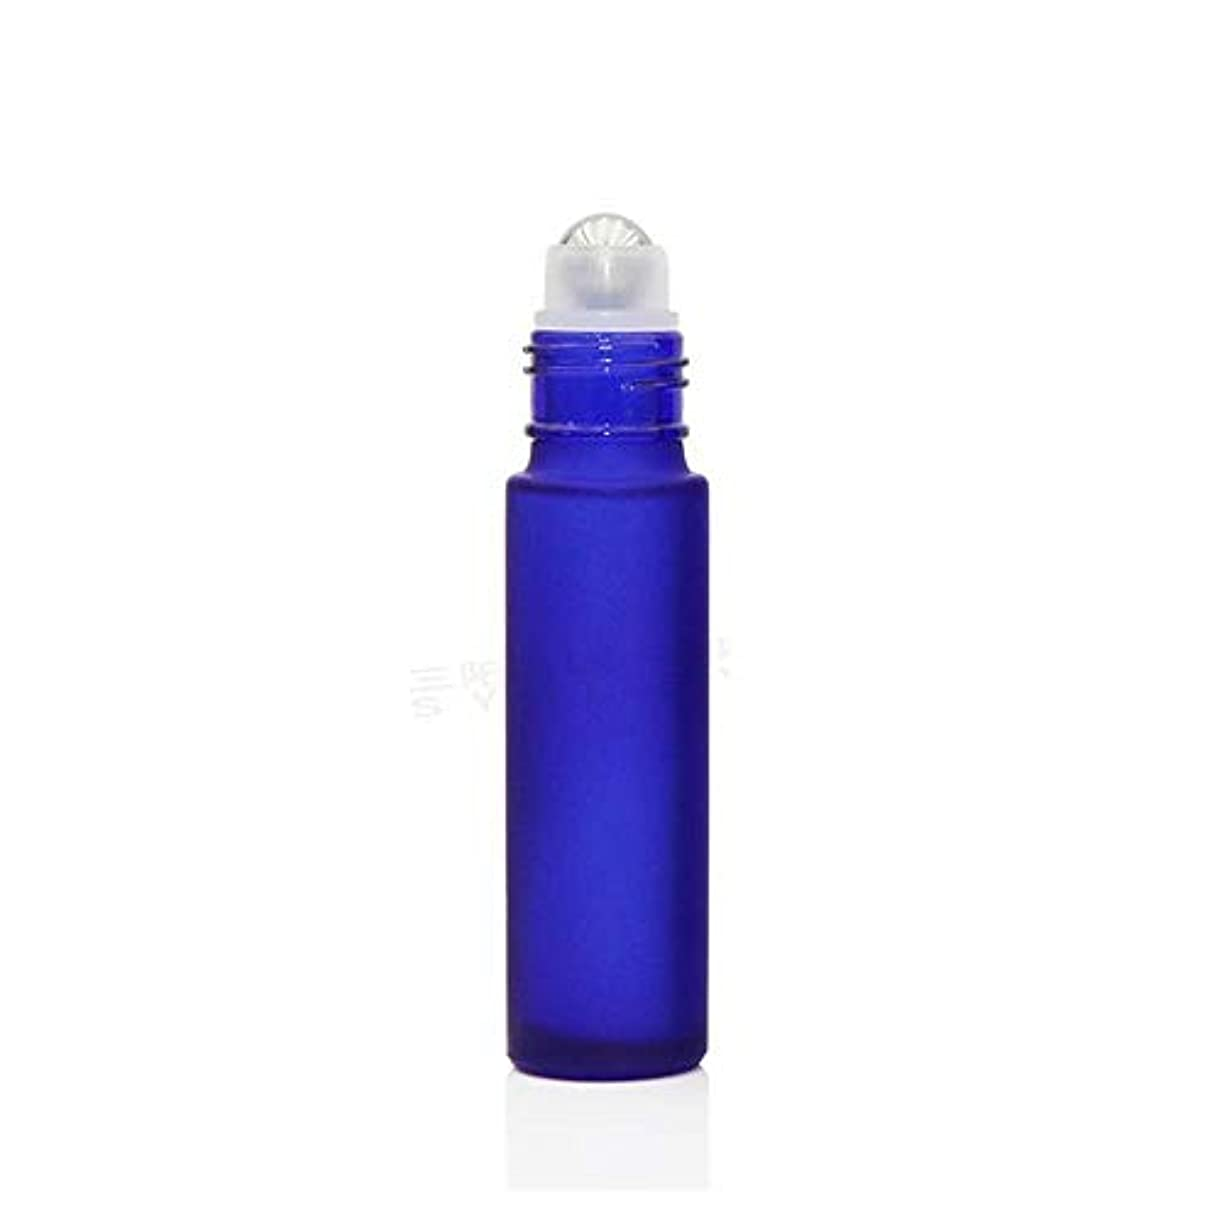 ポゴスティックジャンプ過敏な恵みgundoop ロールオンボトル アロマオイル 精油 小分け用 遮光瓶 10ml 10本セット ガラスロールタイプ (ブルー)